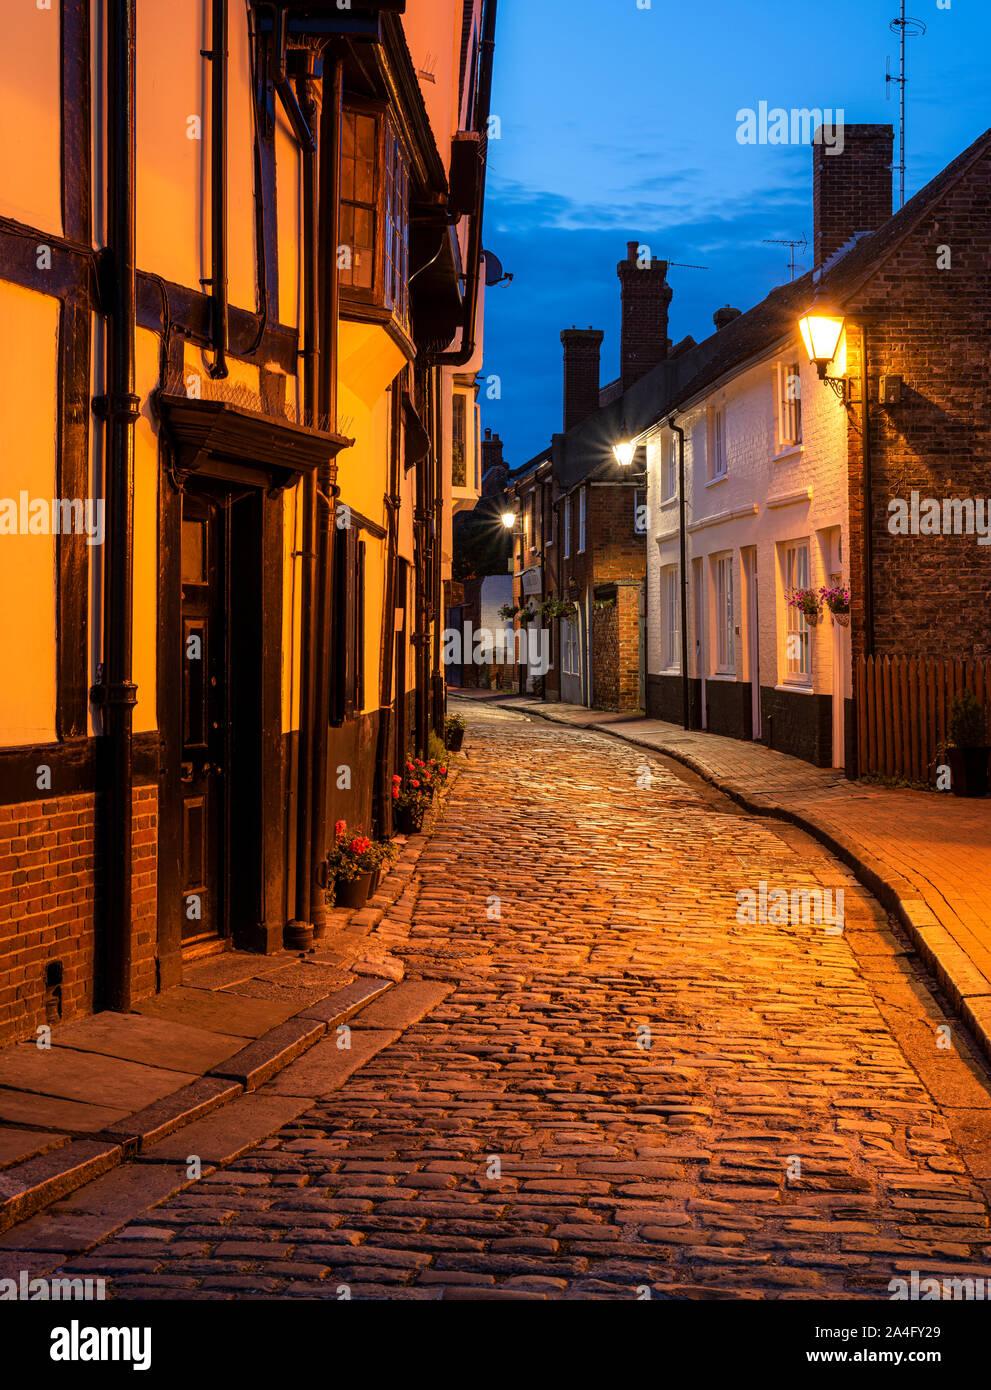 Rues pavées de nuit dans la ville historique de Faversham, Kent. Banque D'Images